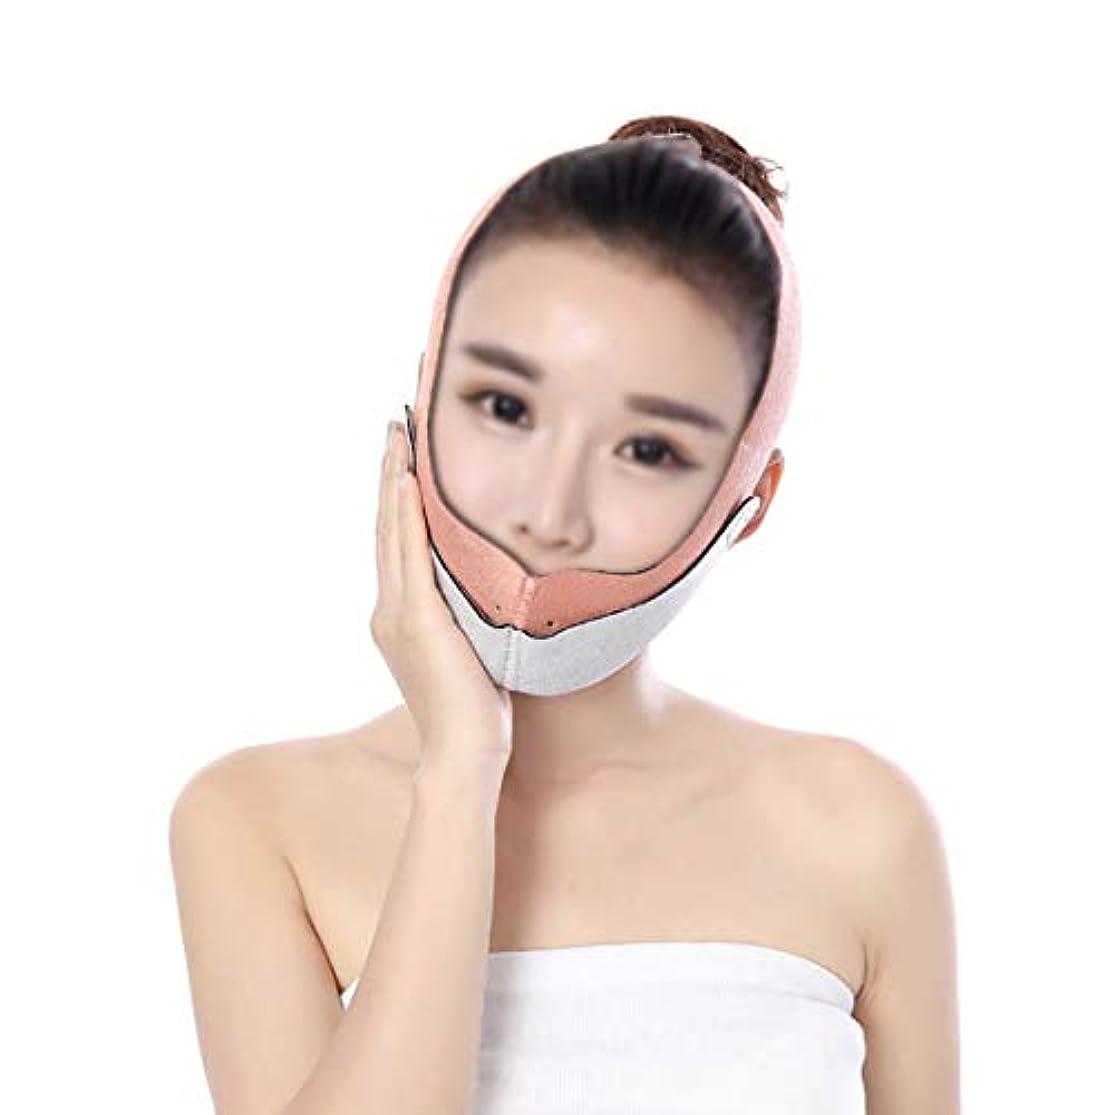 しっとり起点対処するTLMY ファーミングマスク薄い顔アーティファクト補正フェイスリフティングアンチたるみ包帯美容マスクマスクVフェイスクロスツール 顔用整形マスク